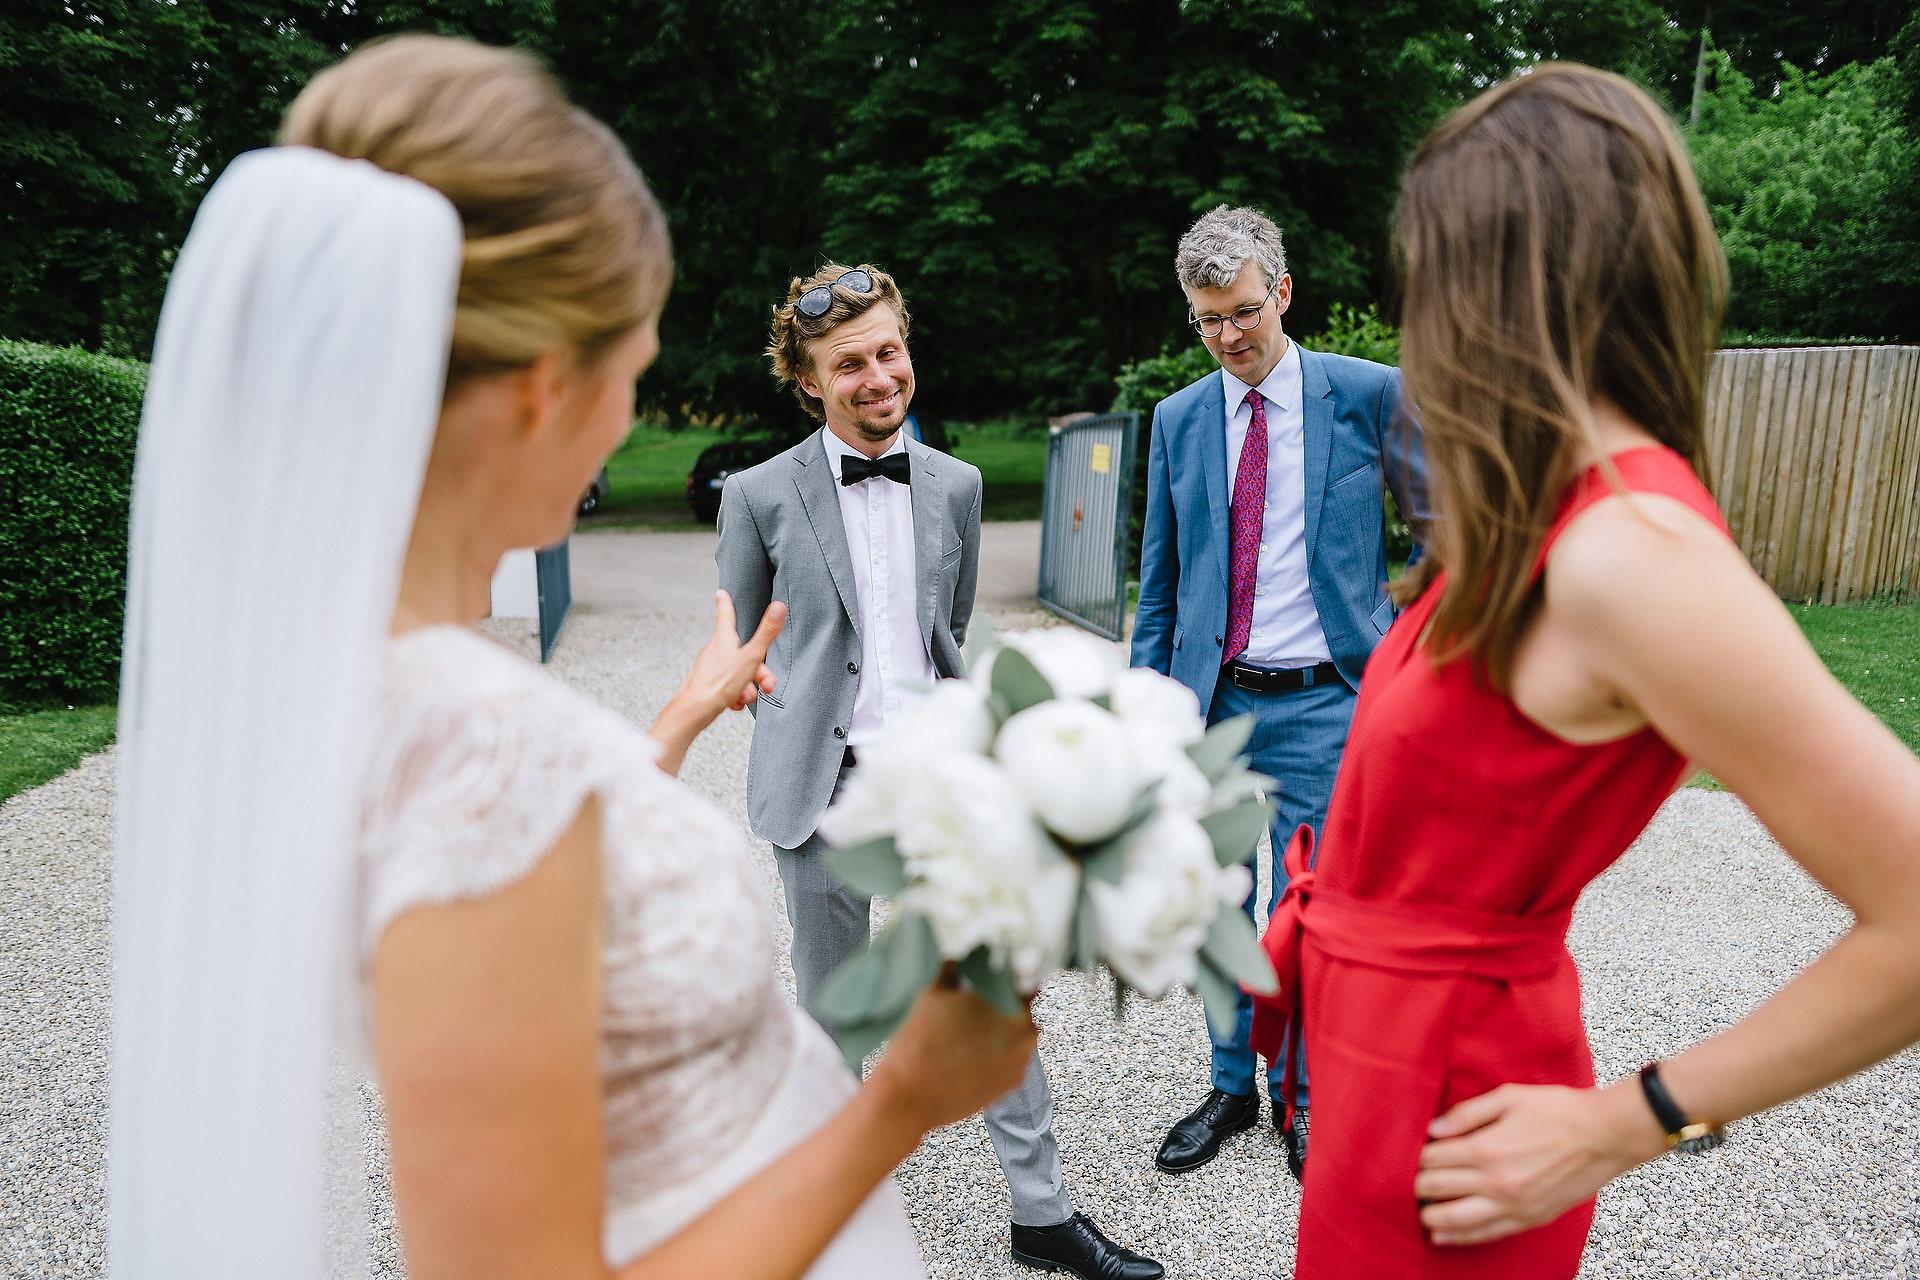 Fotograf Konstanz - Hochzeitsreportage Freiburg Hofgut Lilienhof Hochzeit Fotograf Konstanz 41 - Hochzeit in Freiburg und Hofgut Lilienhof  - 140 -